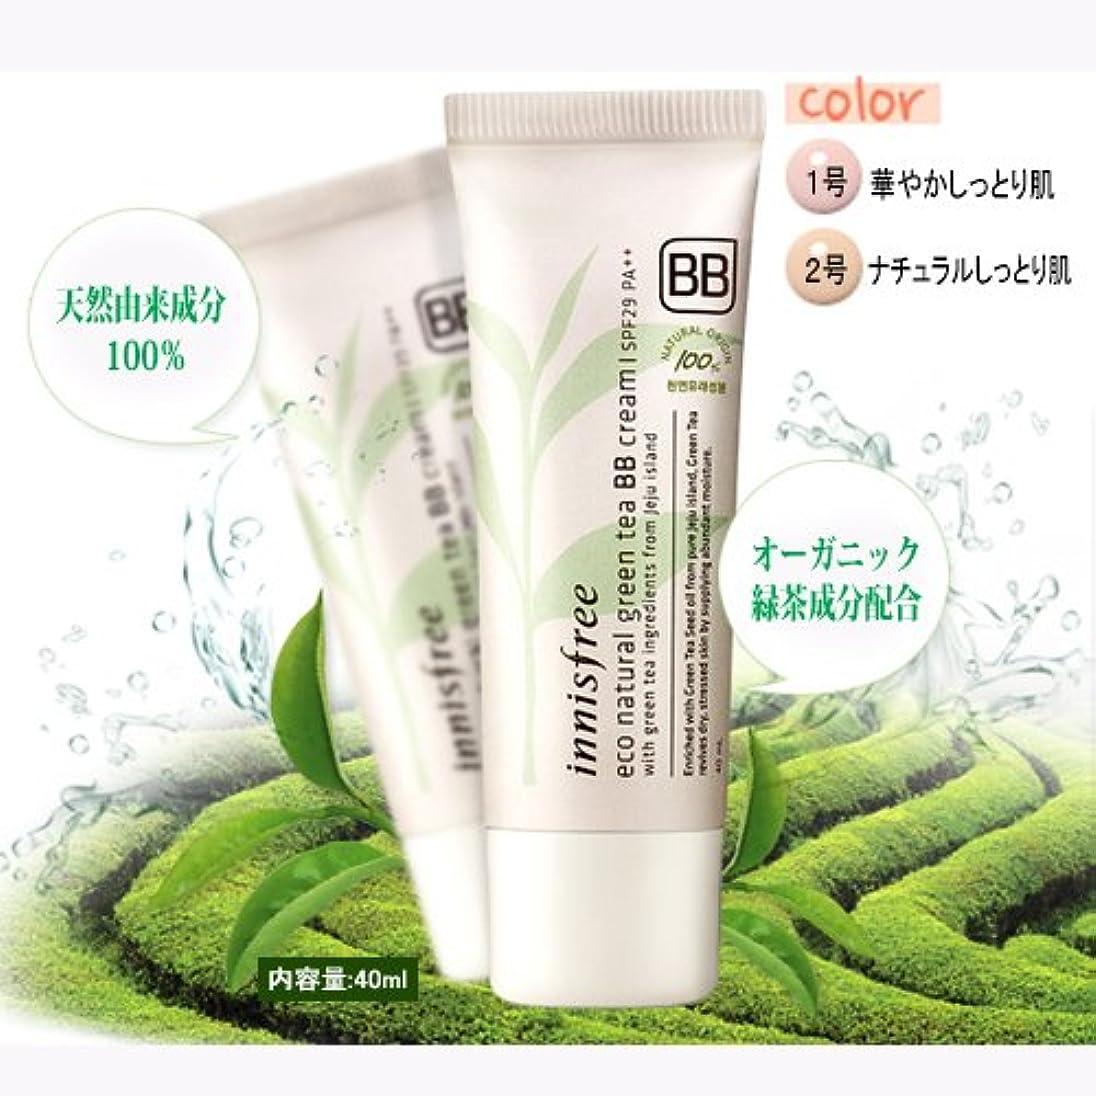 ペンフレンド後方に本部innisfree/イニスフリー Eco Natural Green Tea BB Cream #02/エコナチュラルグリーンティーBBクリームナチュラルなしっとりお肌 SPF29PA++40ml